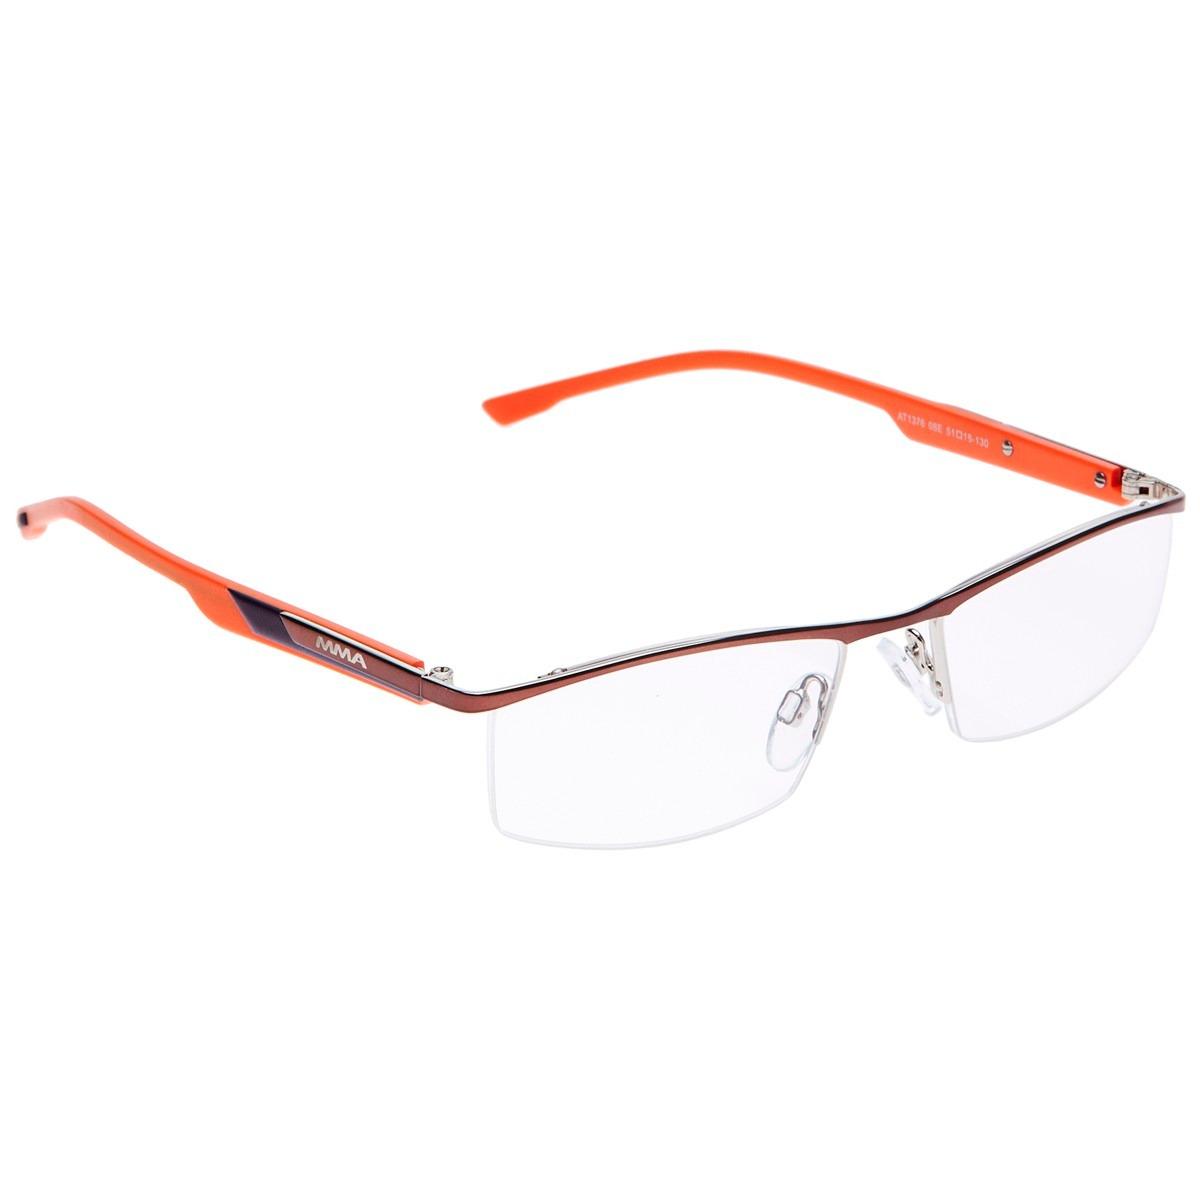 óculos de grau atitude at 1376 08e (original)12 x s juros go. Carregando  zoom. 74bb915b74